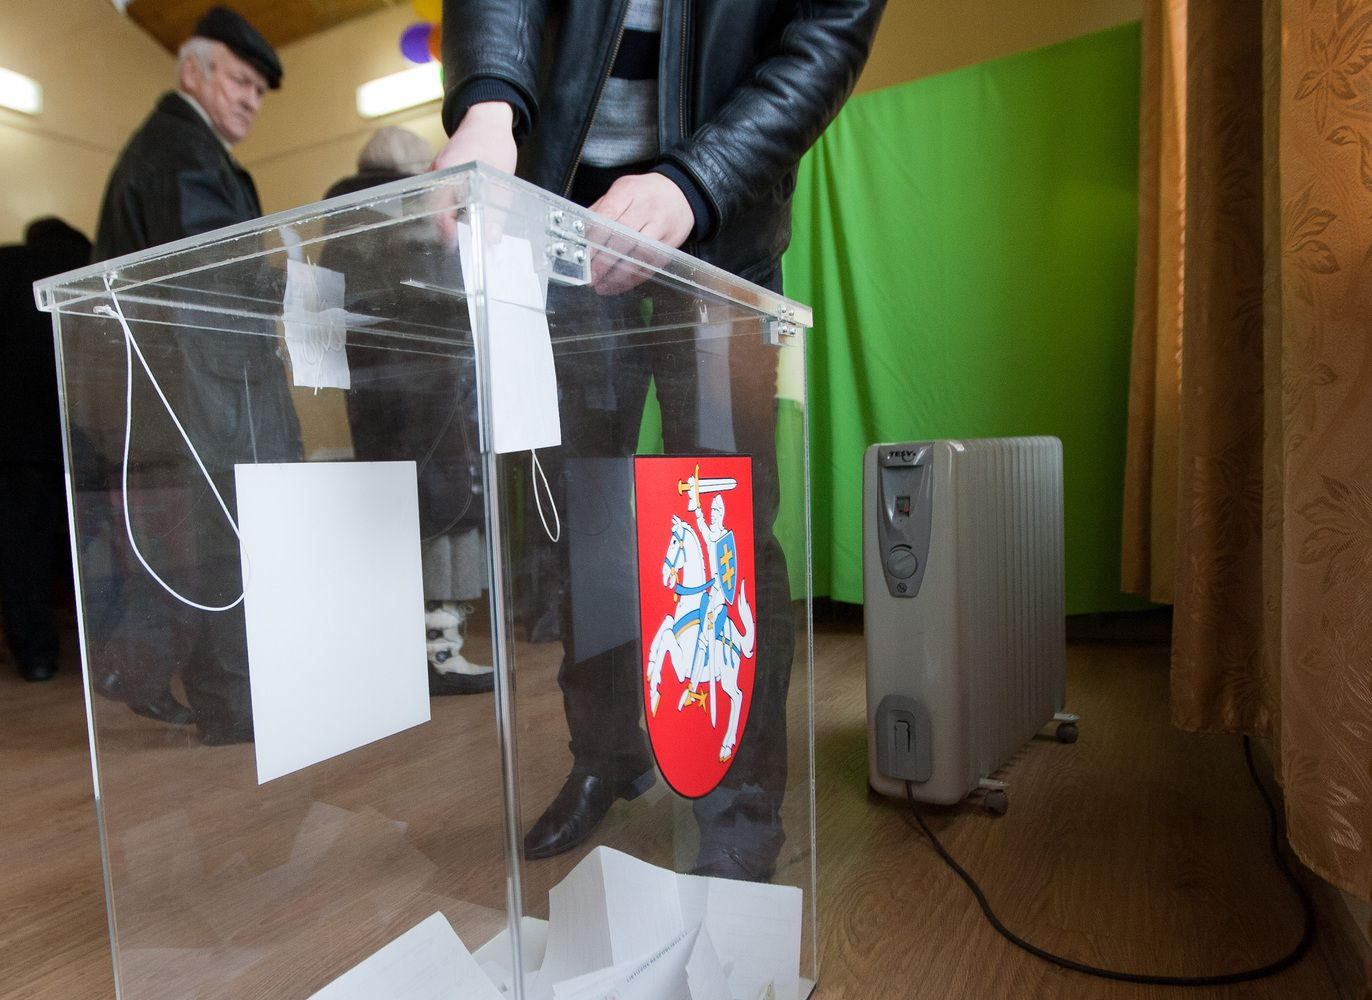 Kuriam laikui nustoja galioti sprendimas dėl referendumo paskelbimo